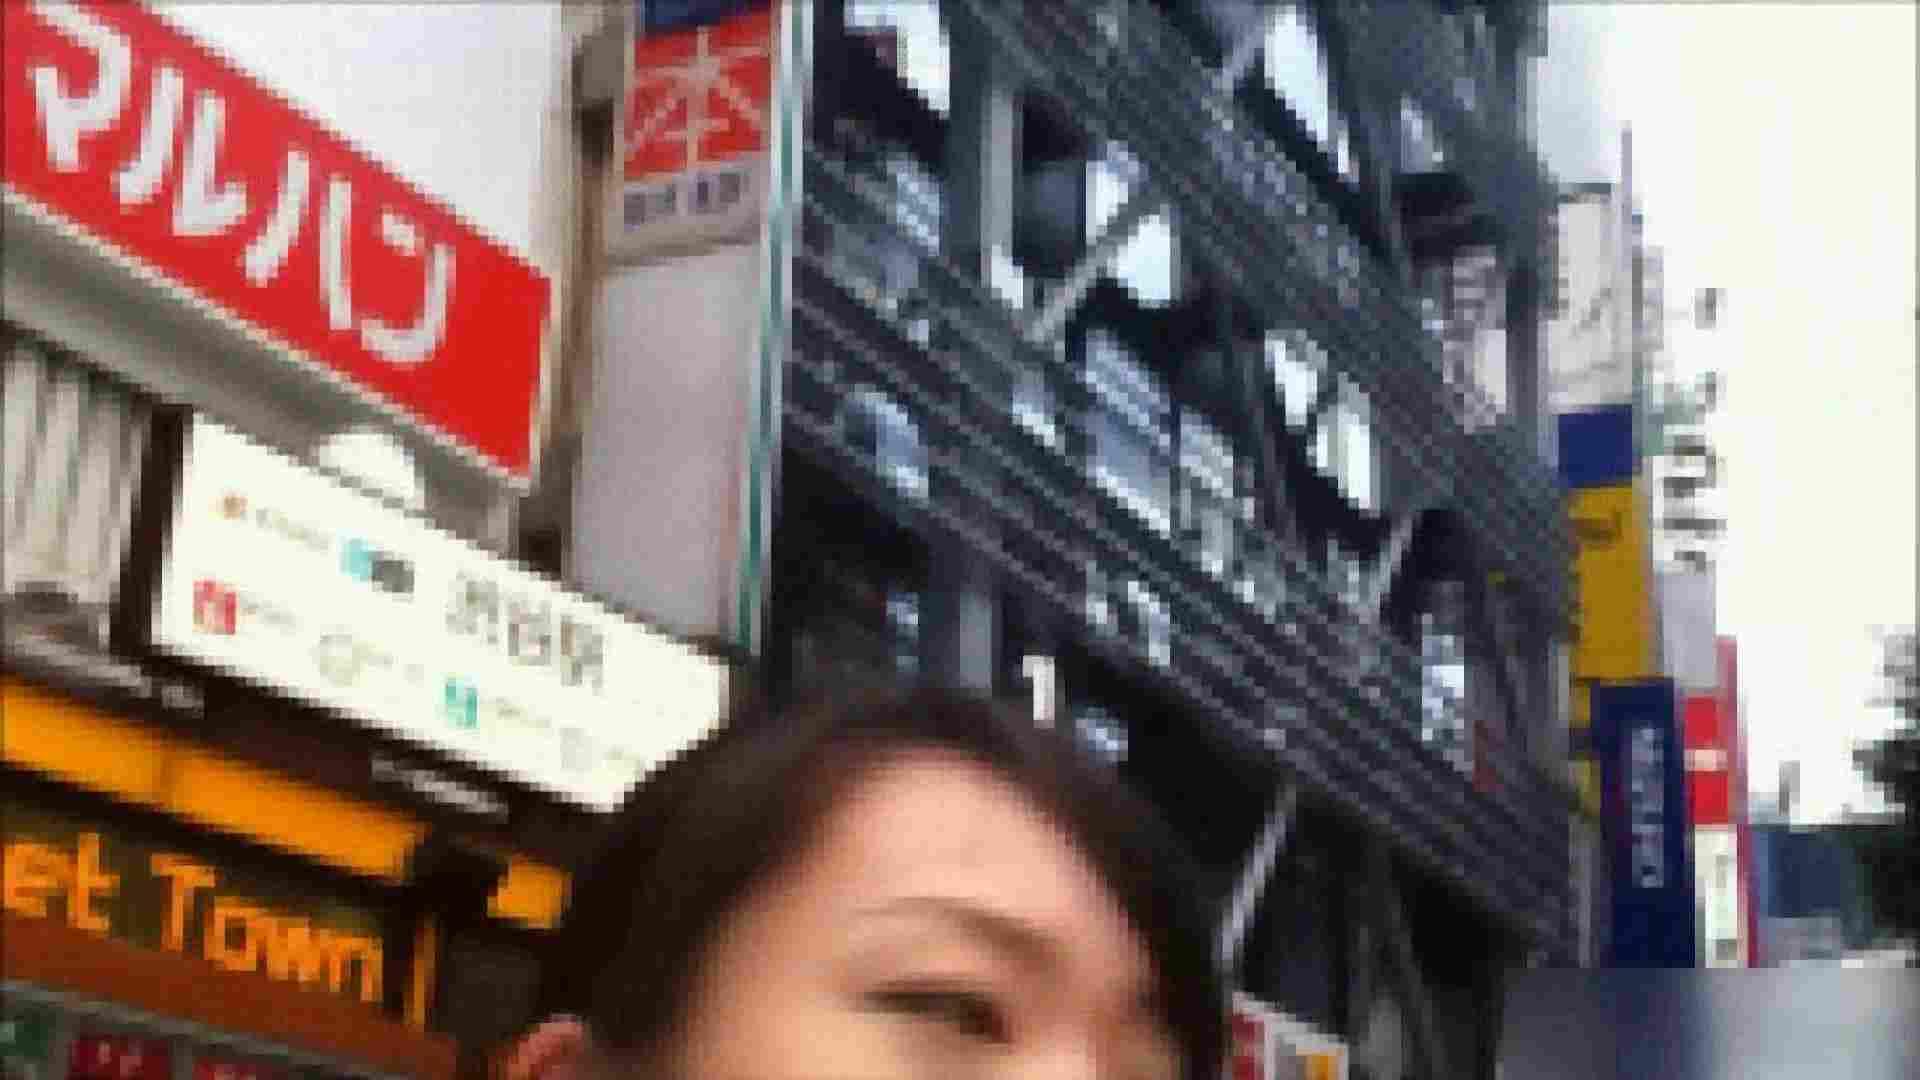 ガールズパンチラストリートビューVol.002 新入生パンチラ   チラ歓迎  86pic 21